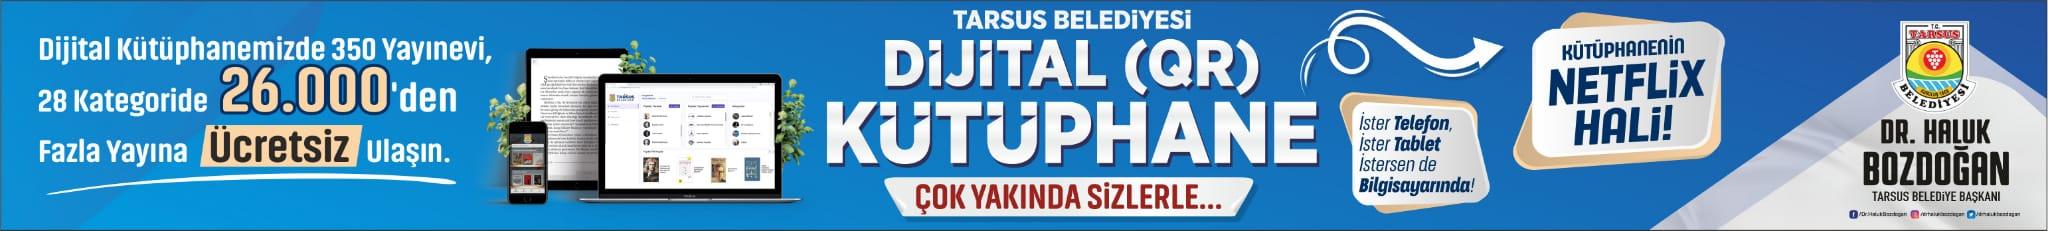 Tarsus Belediyesi